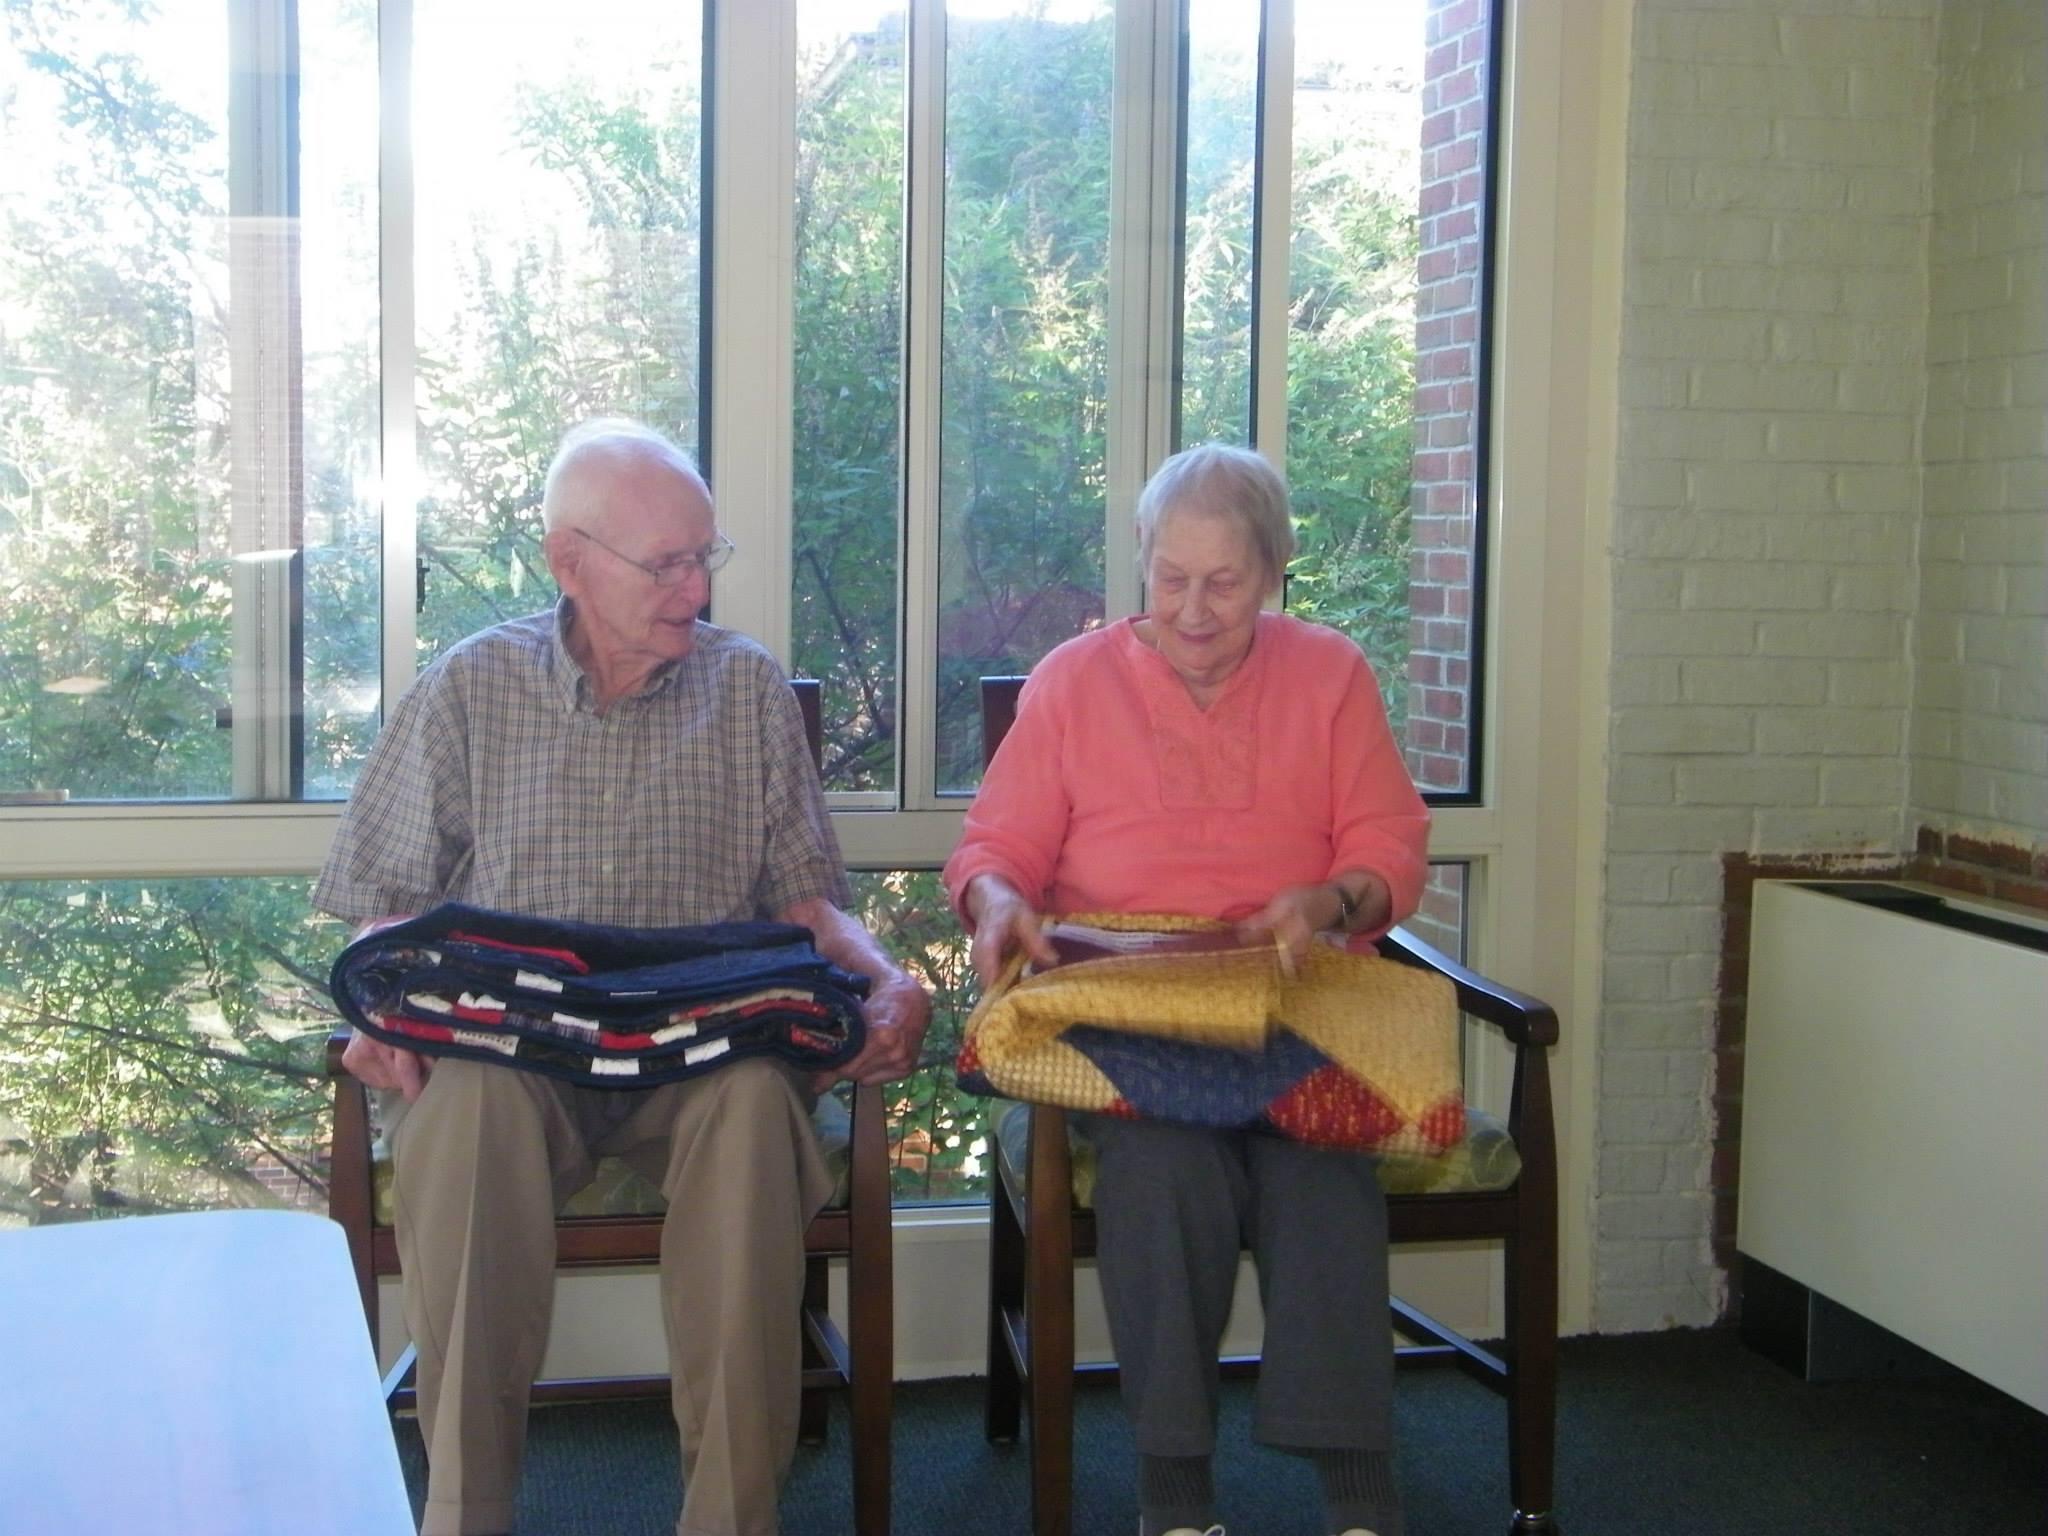 các nhân viên đã sắp xếp cho cặp vợ chồng già có thể nằm cạnh nhau trong gần 3 giờ đồng hồ.